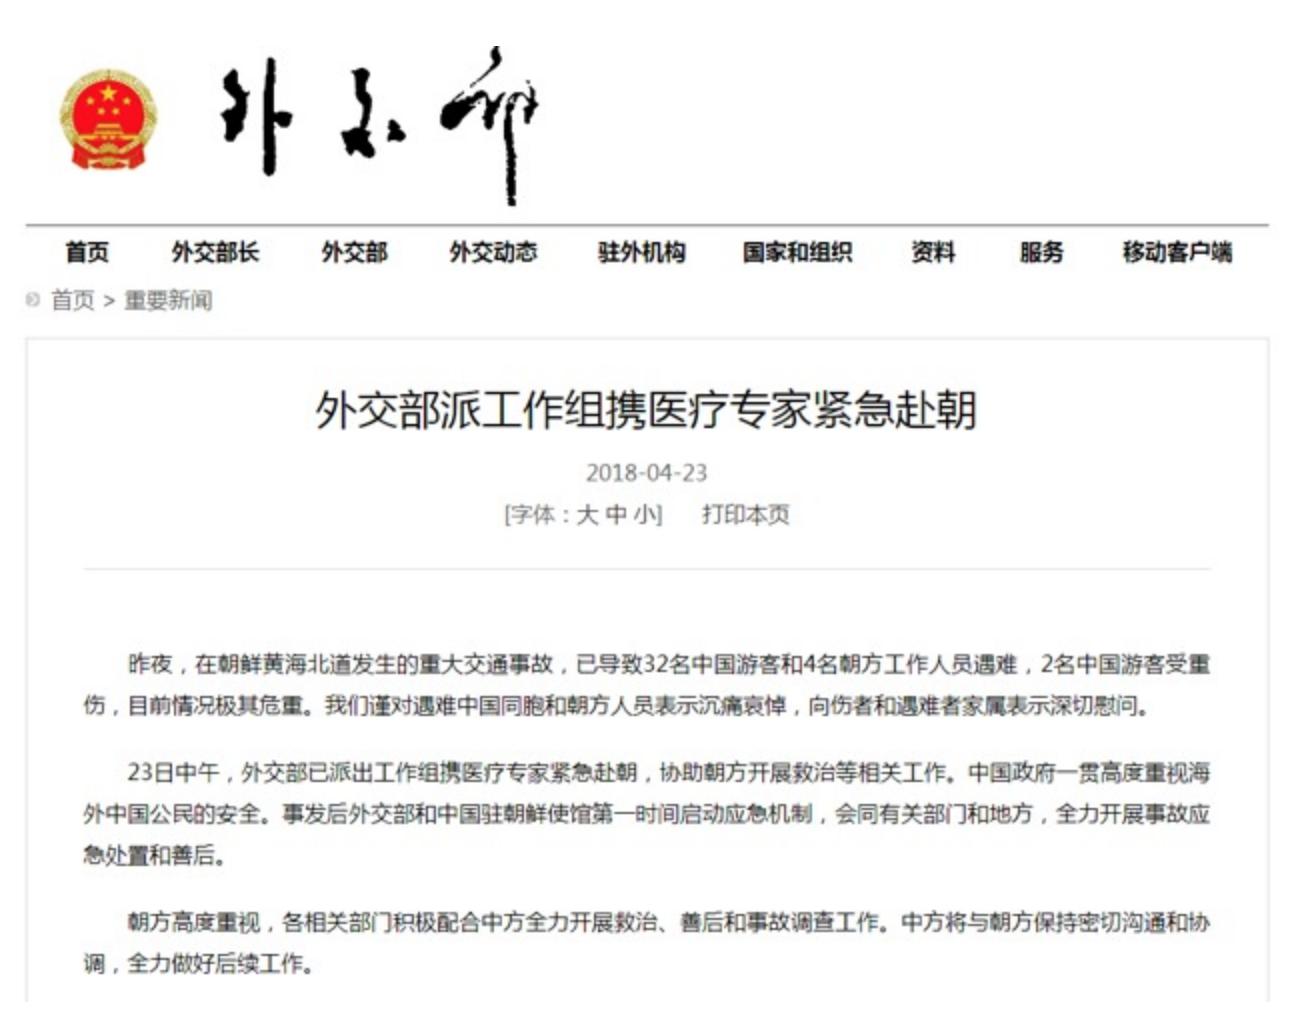 朝鲜黄海北道发生重大交通事故 已致32名中国游客和4名朝方工作人员遇难